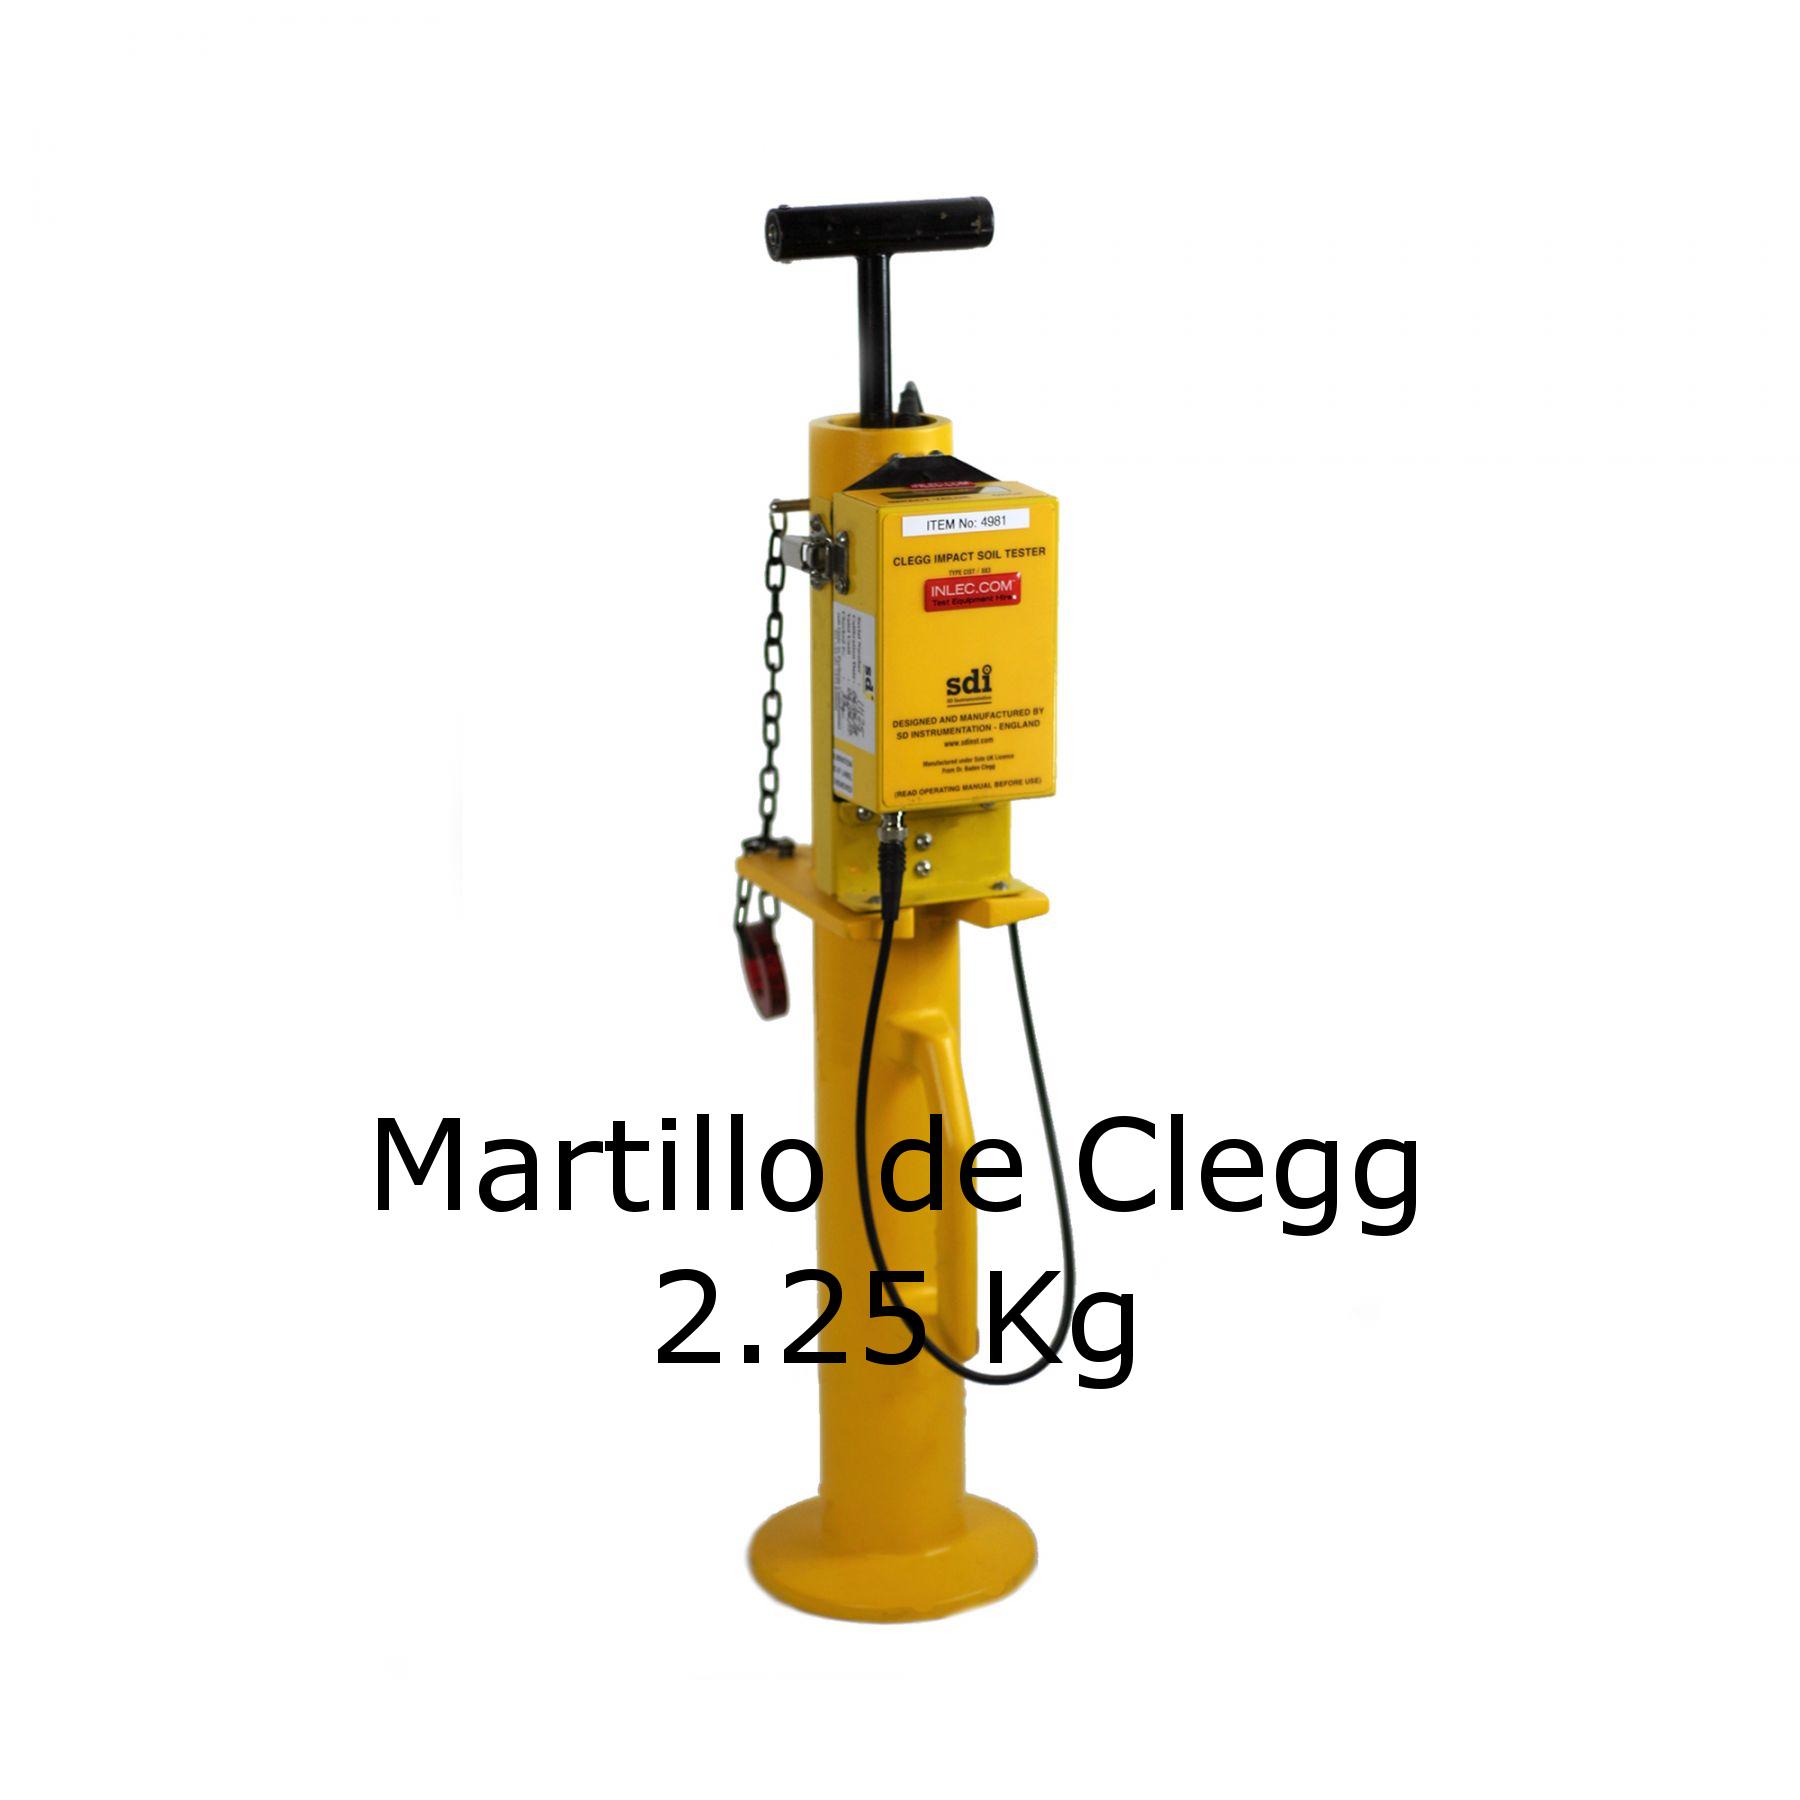 Martillo de Clegg de 2.25 kg